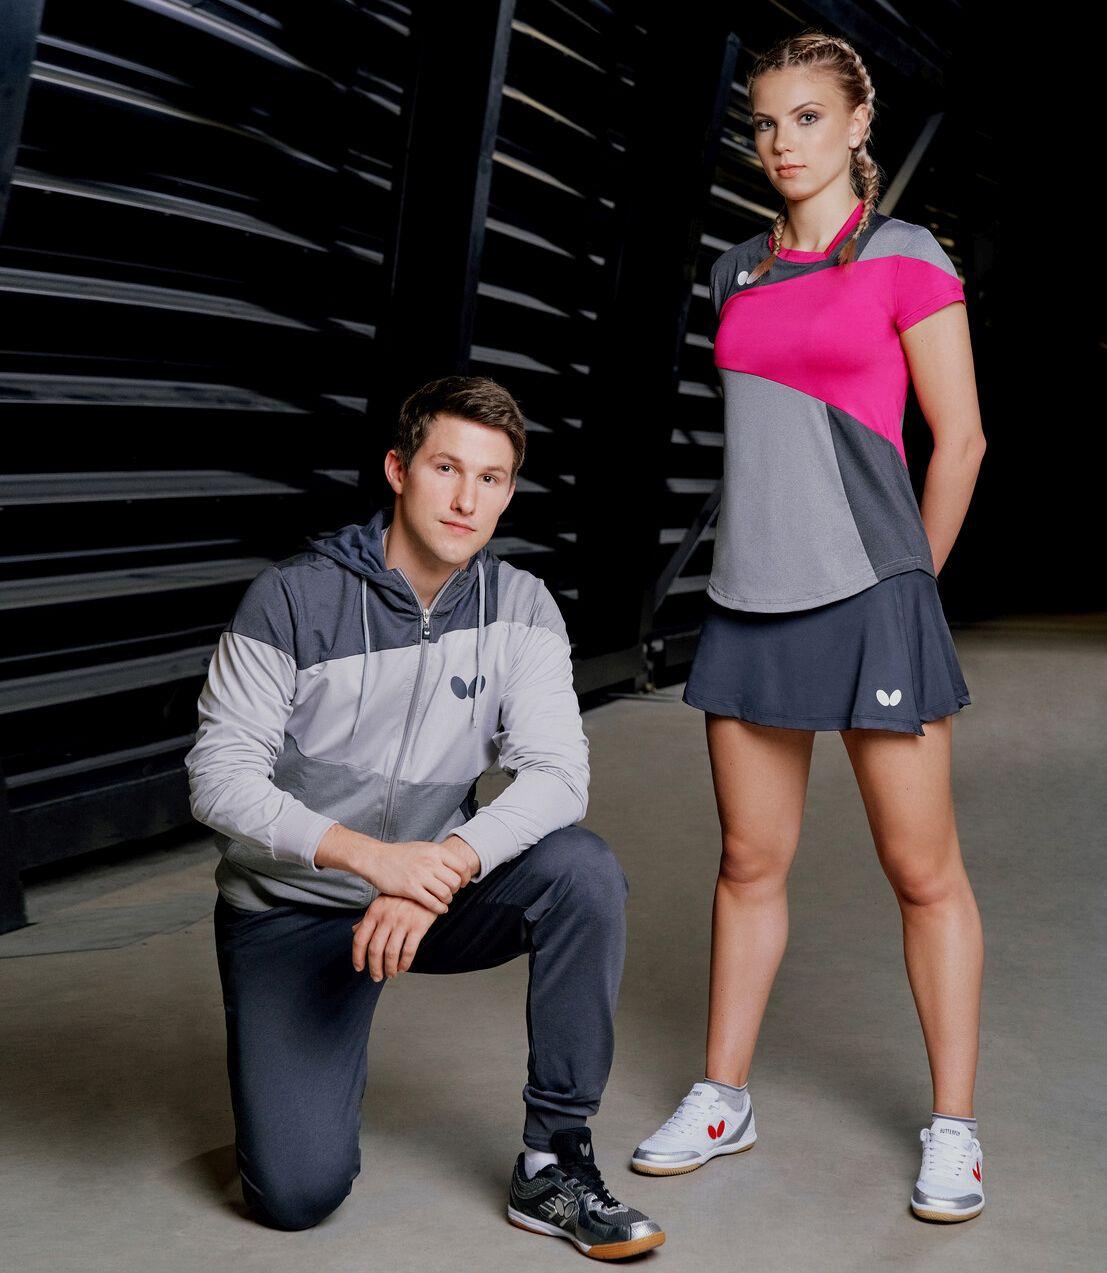 ubiory damskie i męskie jako prezent świąteczny dla tenisisty stołowego